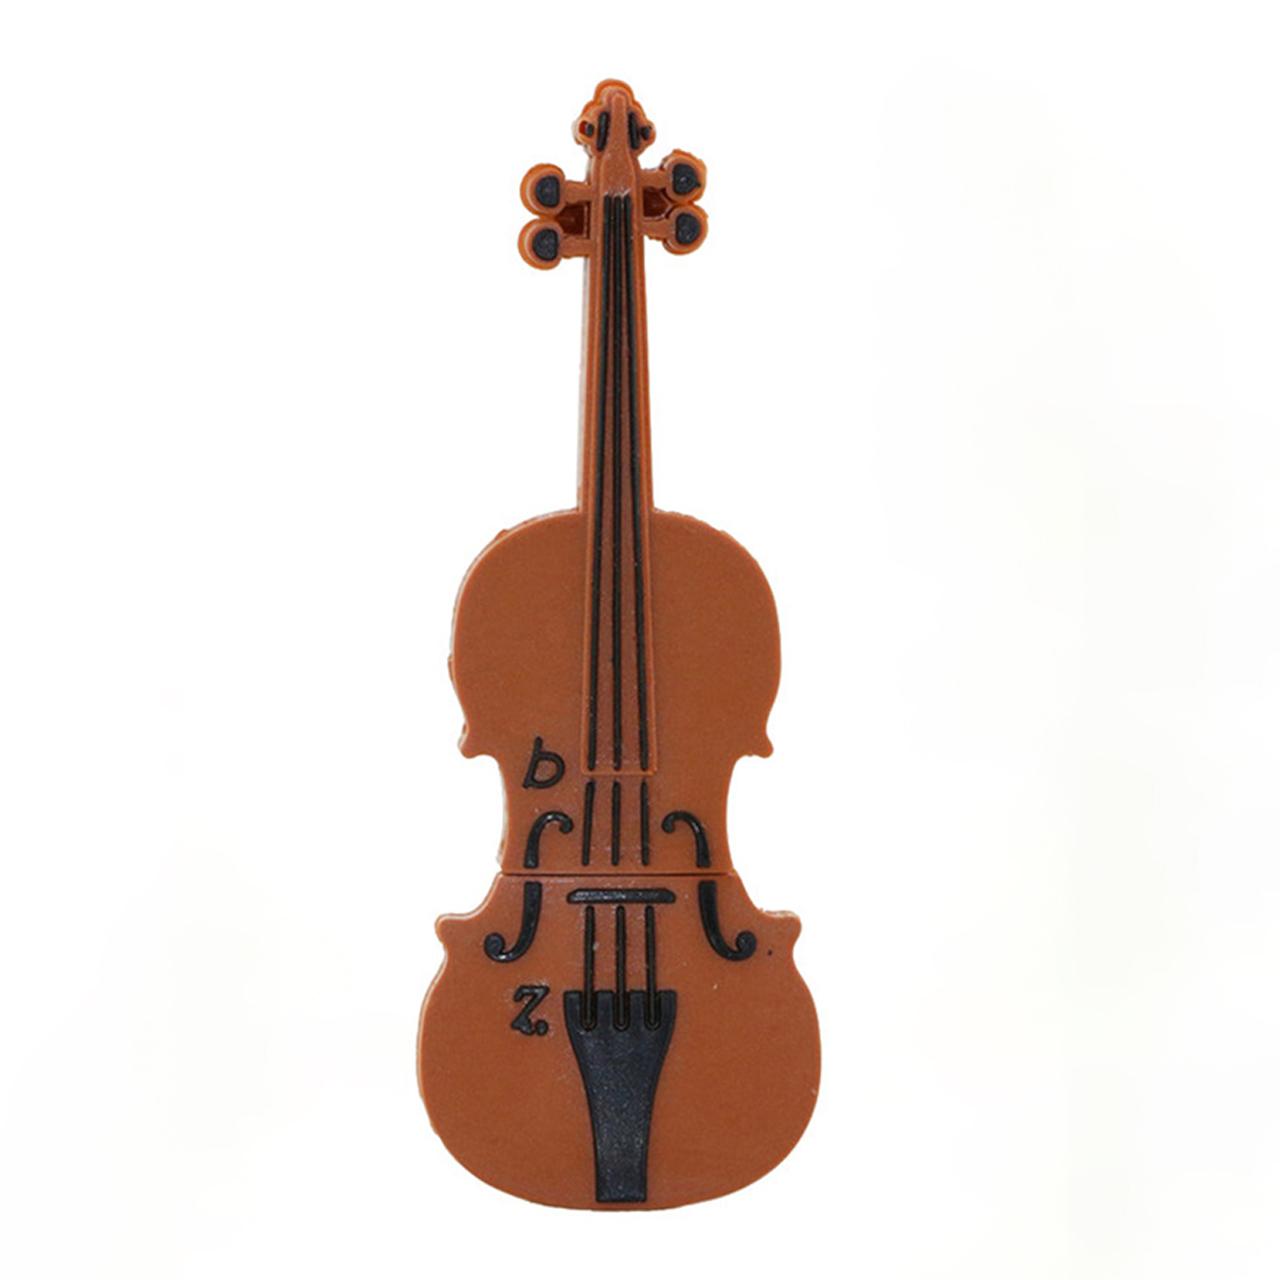 بررسی و {خرید با تخفیف}                                     فلش مموری طرح ویولون مدل Ul-PVC-Violin03 ظرفیت 8 گیگابایت                             اصل